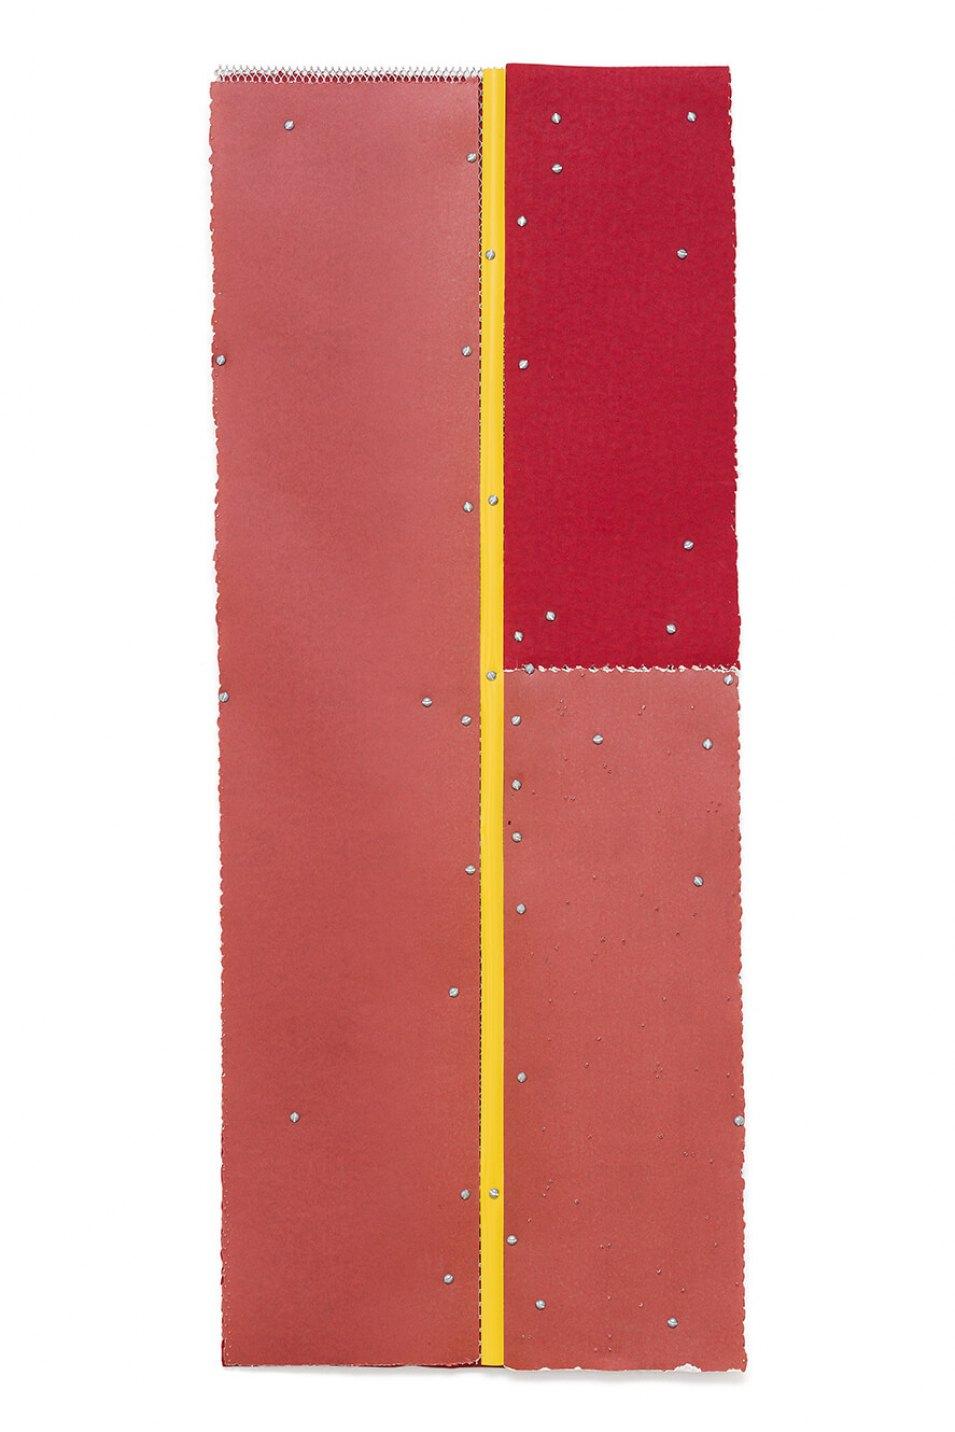 Alessandro Carano,<em>Chronodrama</em>,2017,collage: sandpaper, grid of aluminum, measuring tapeand screw, 100 × 40 cm - Mendes Wood DM